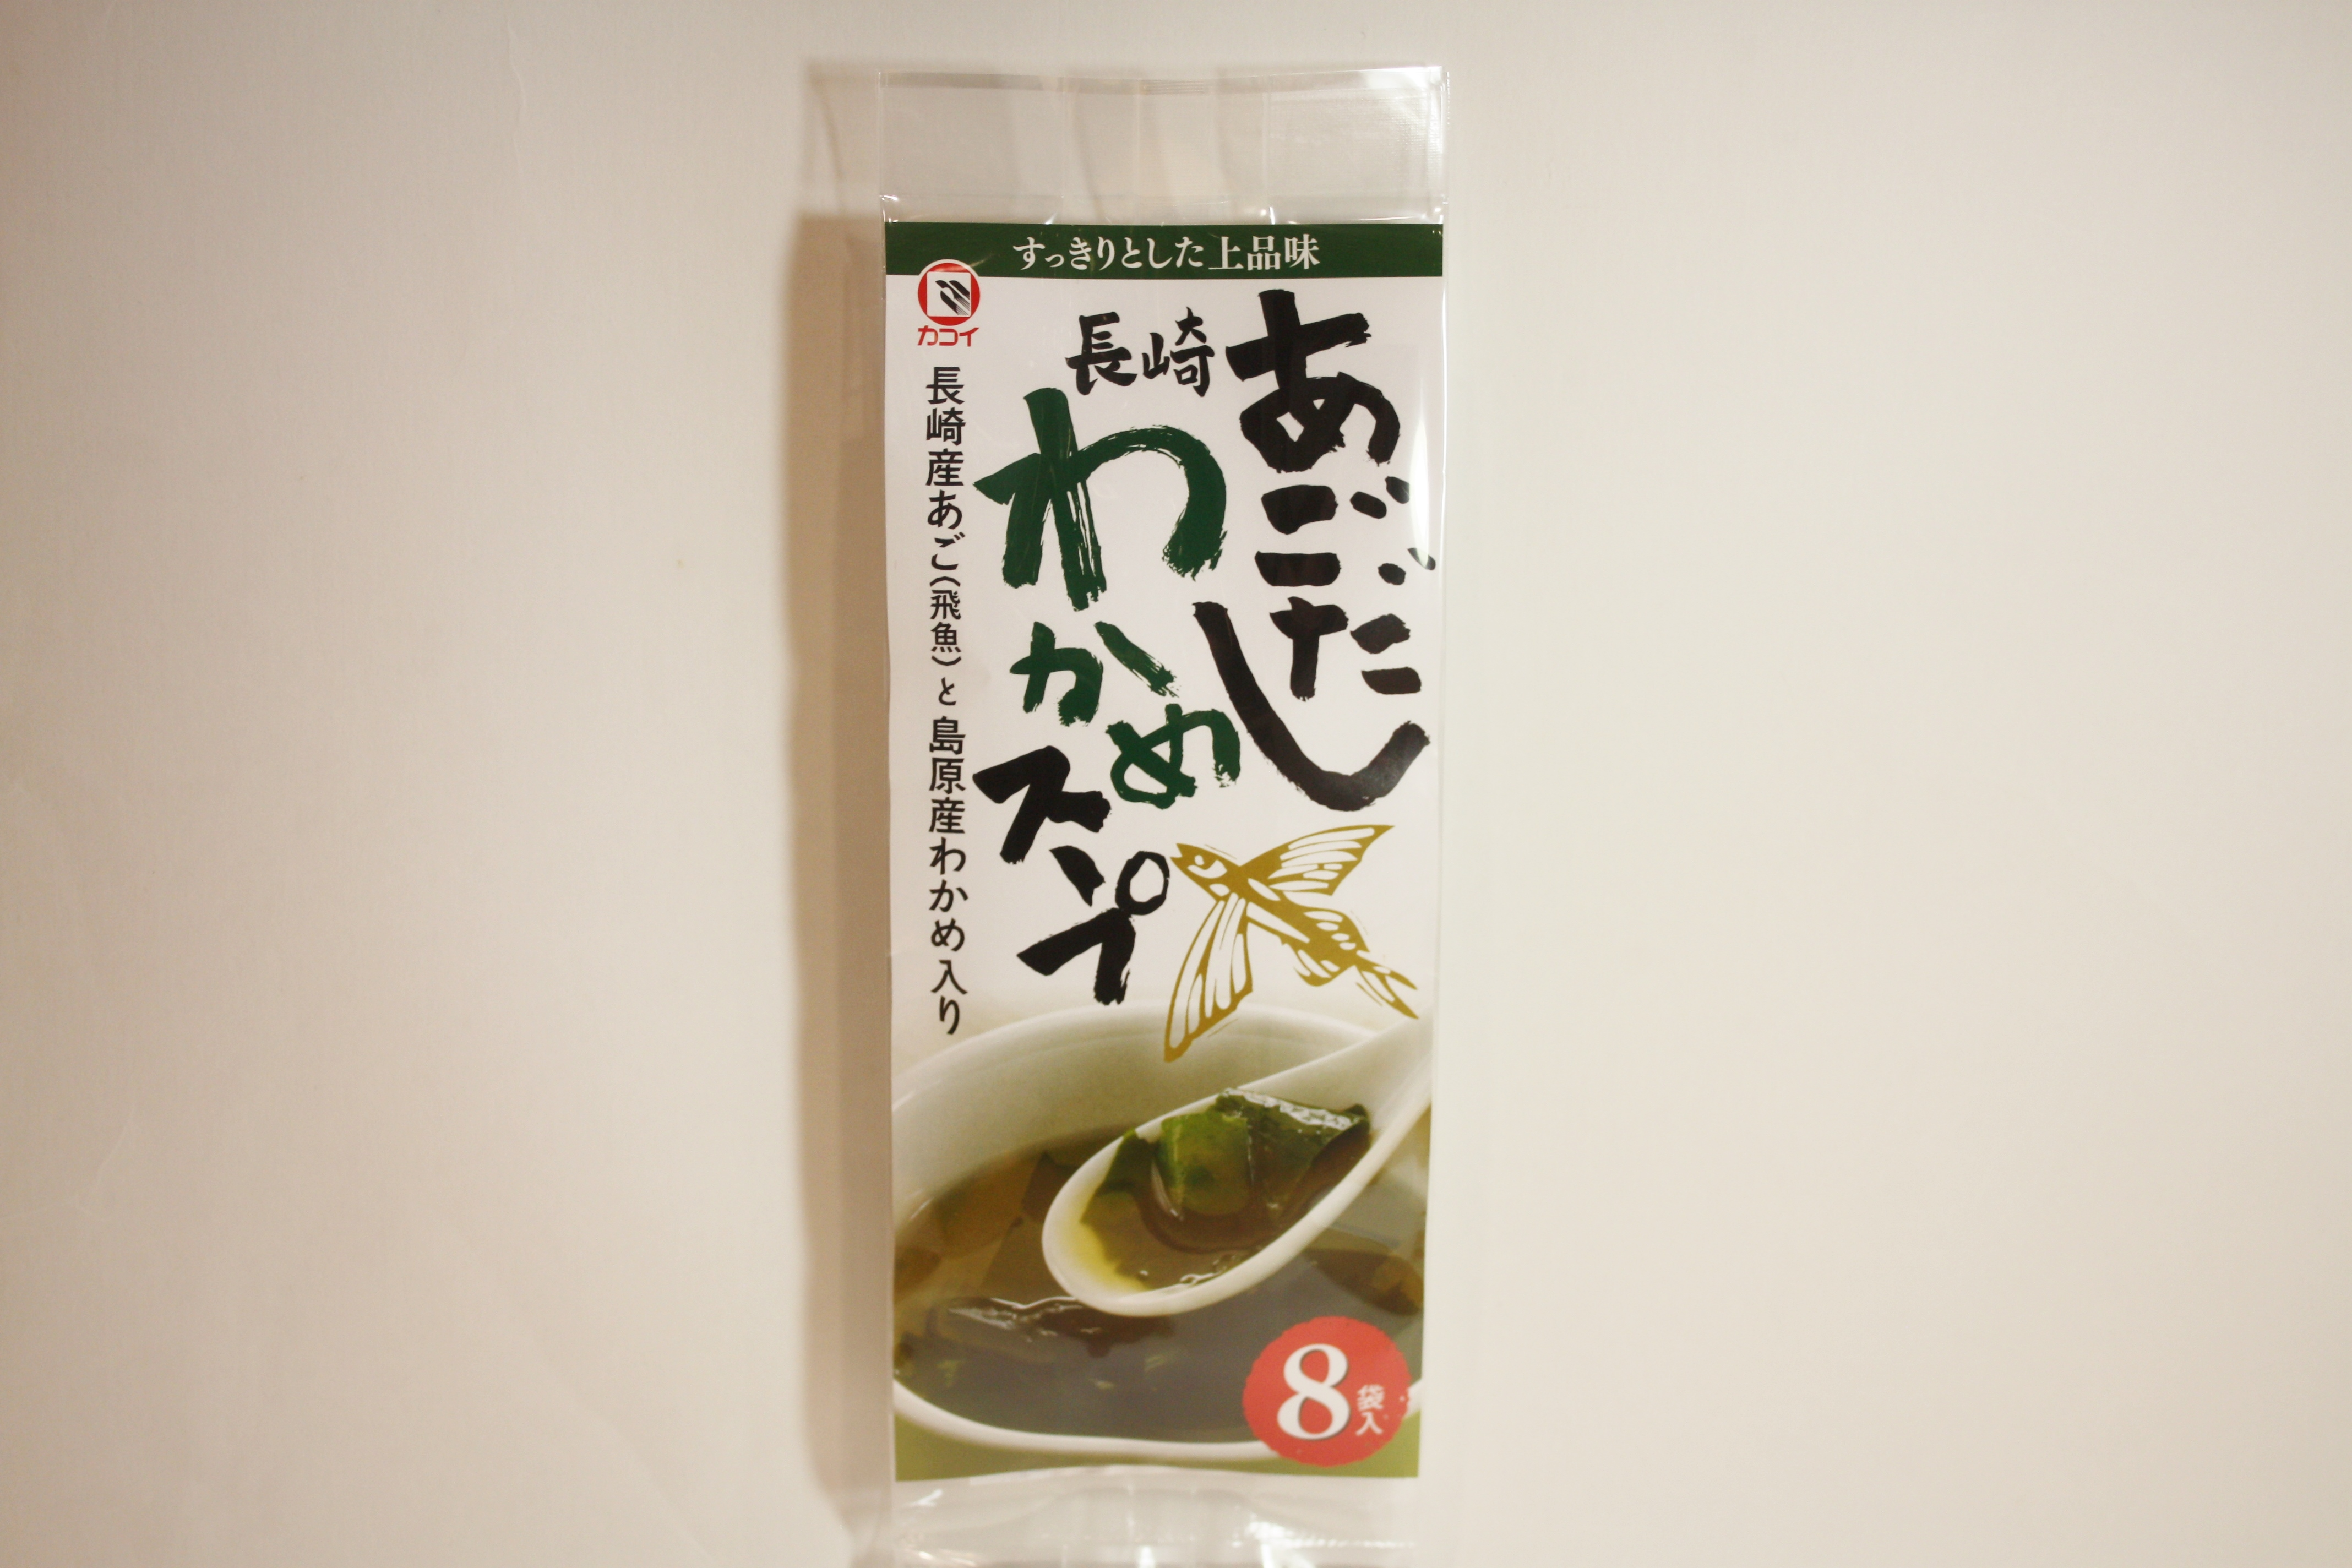 あごだしわかめスープ 【カコイ食品】